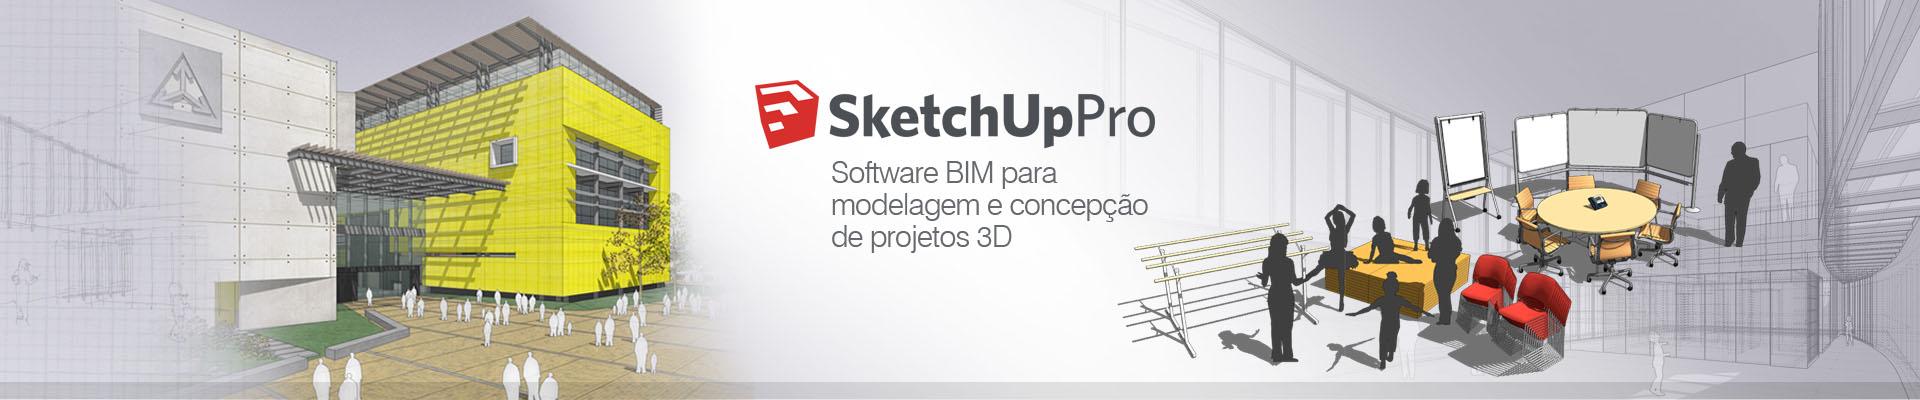 slider-sketchup